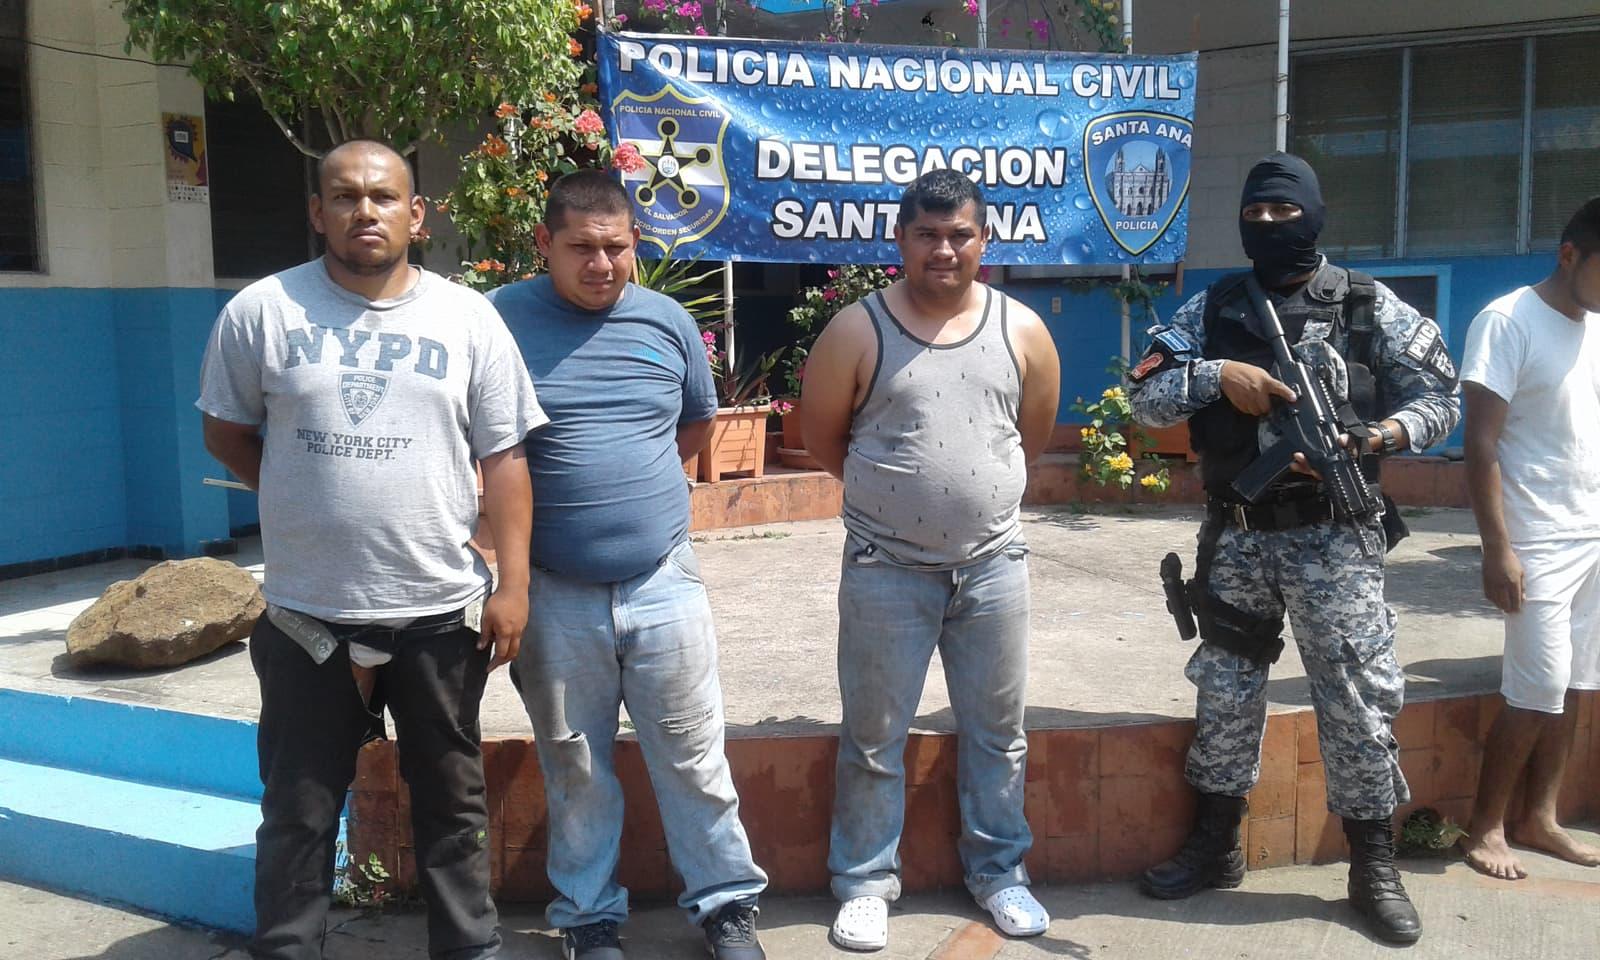 Capturan a supuestos asaltantes en Santa Ana